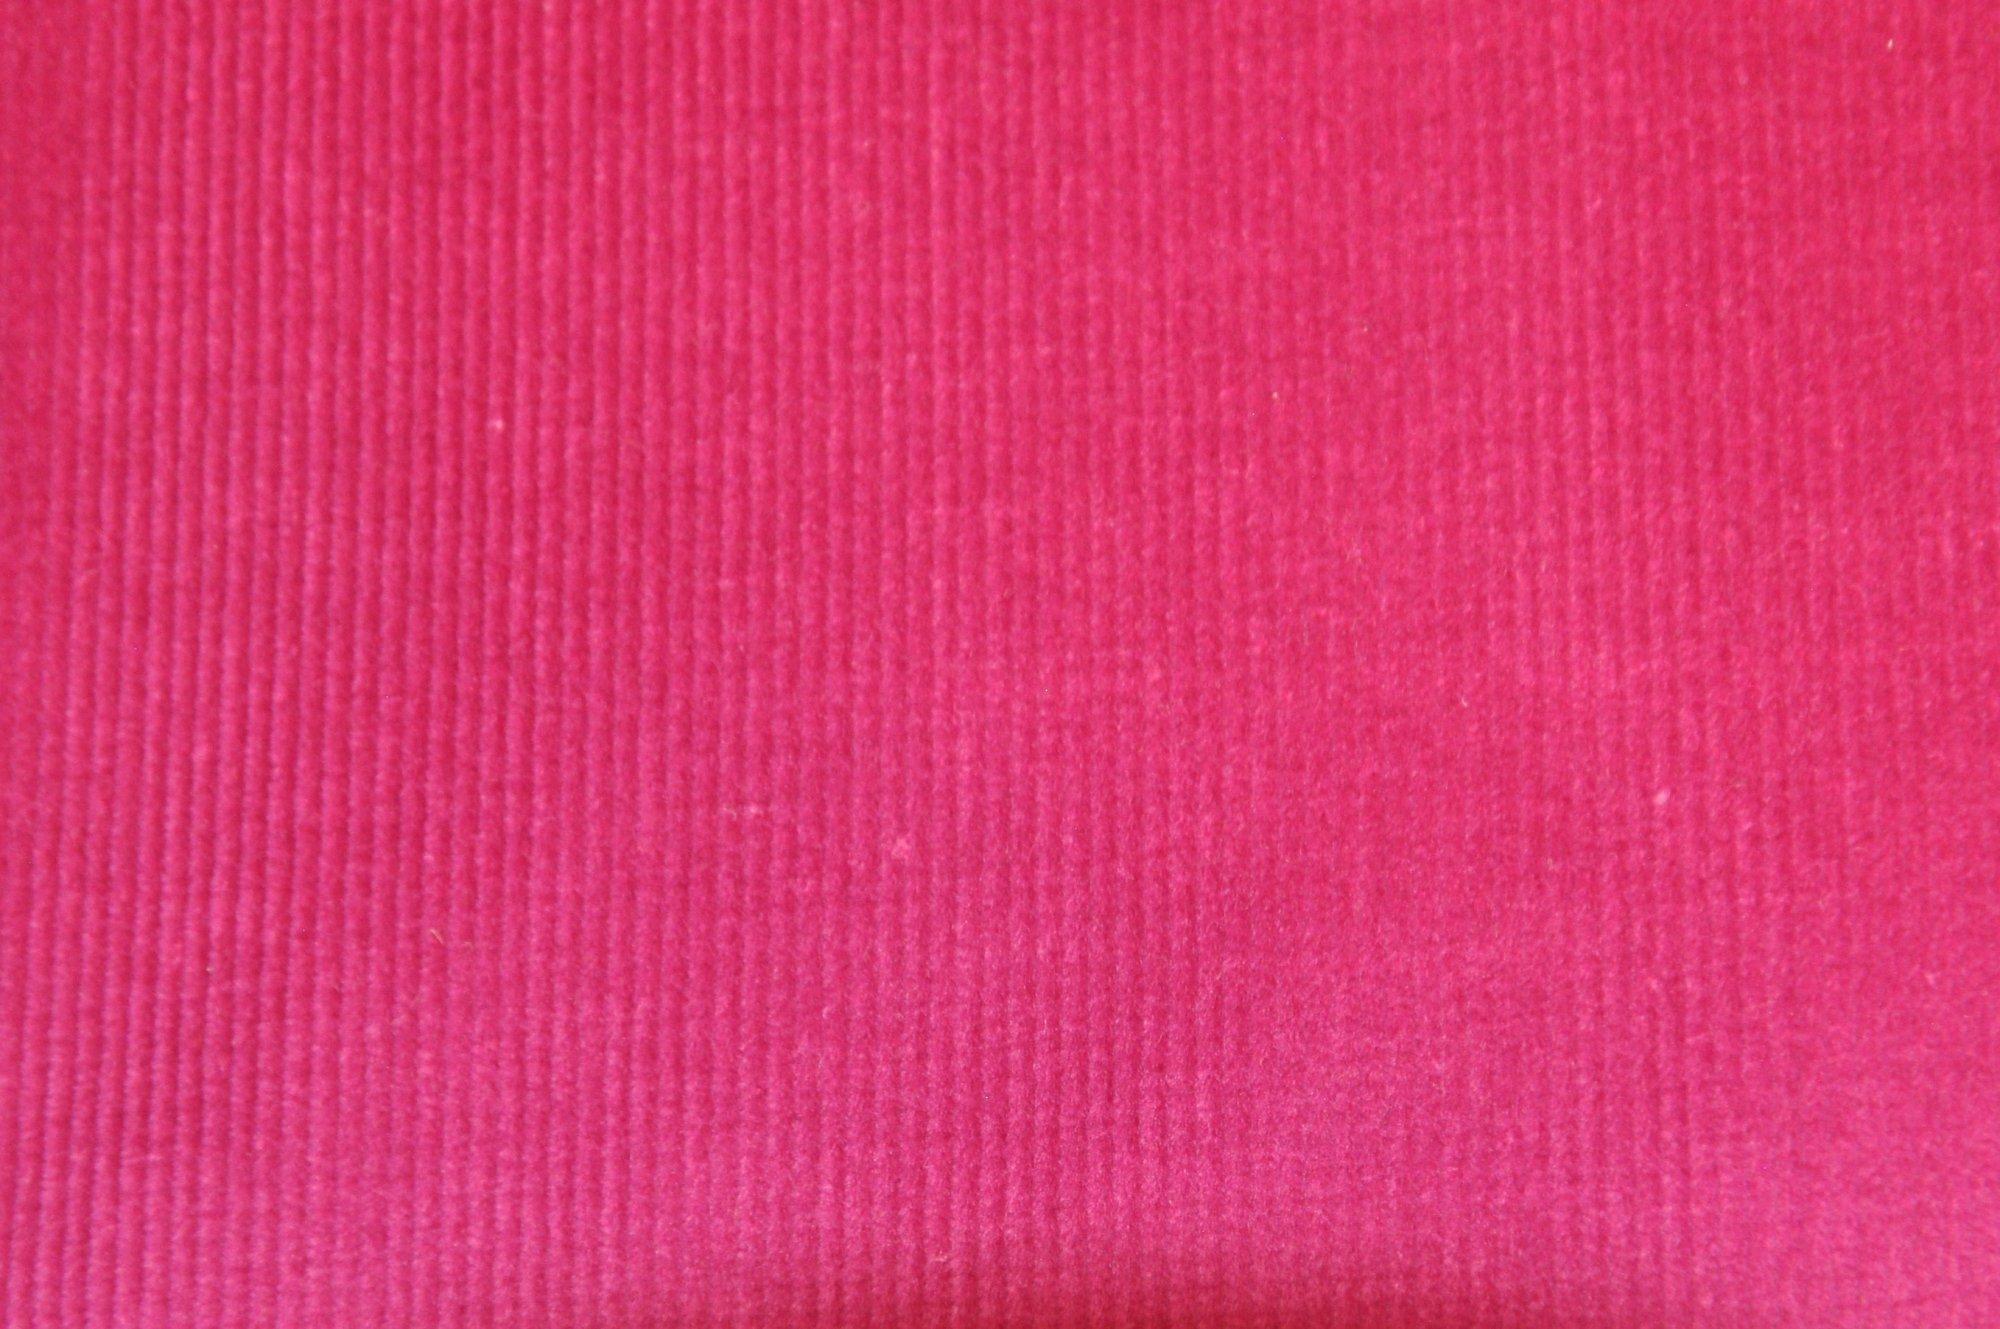 Stretch Corduroy 16W Fuchsia #1150